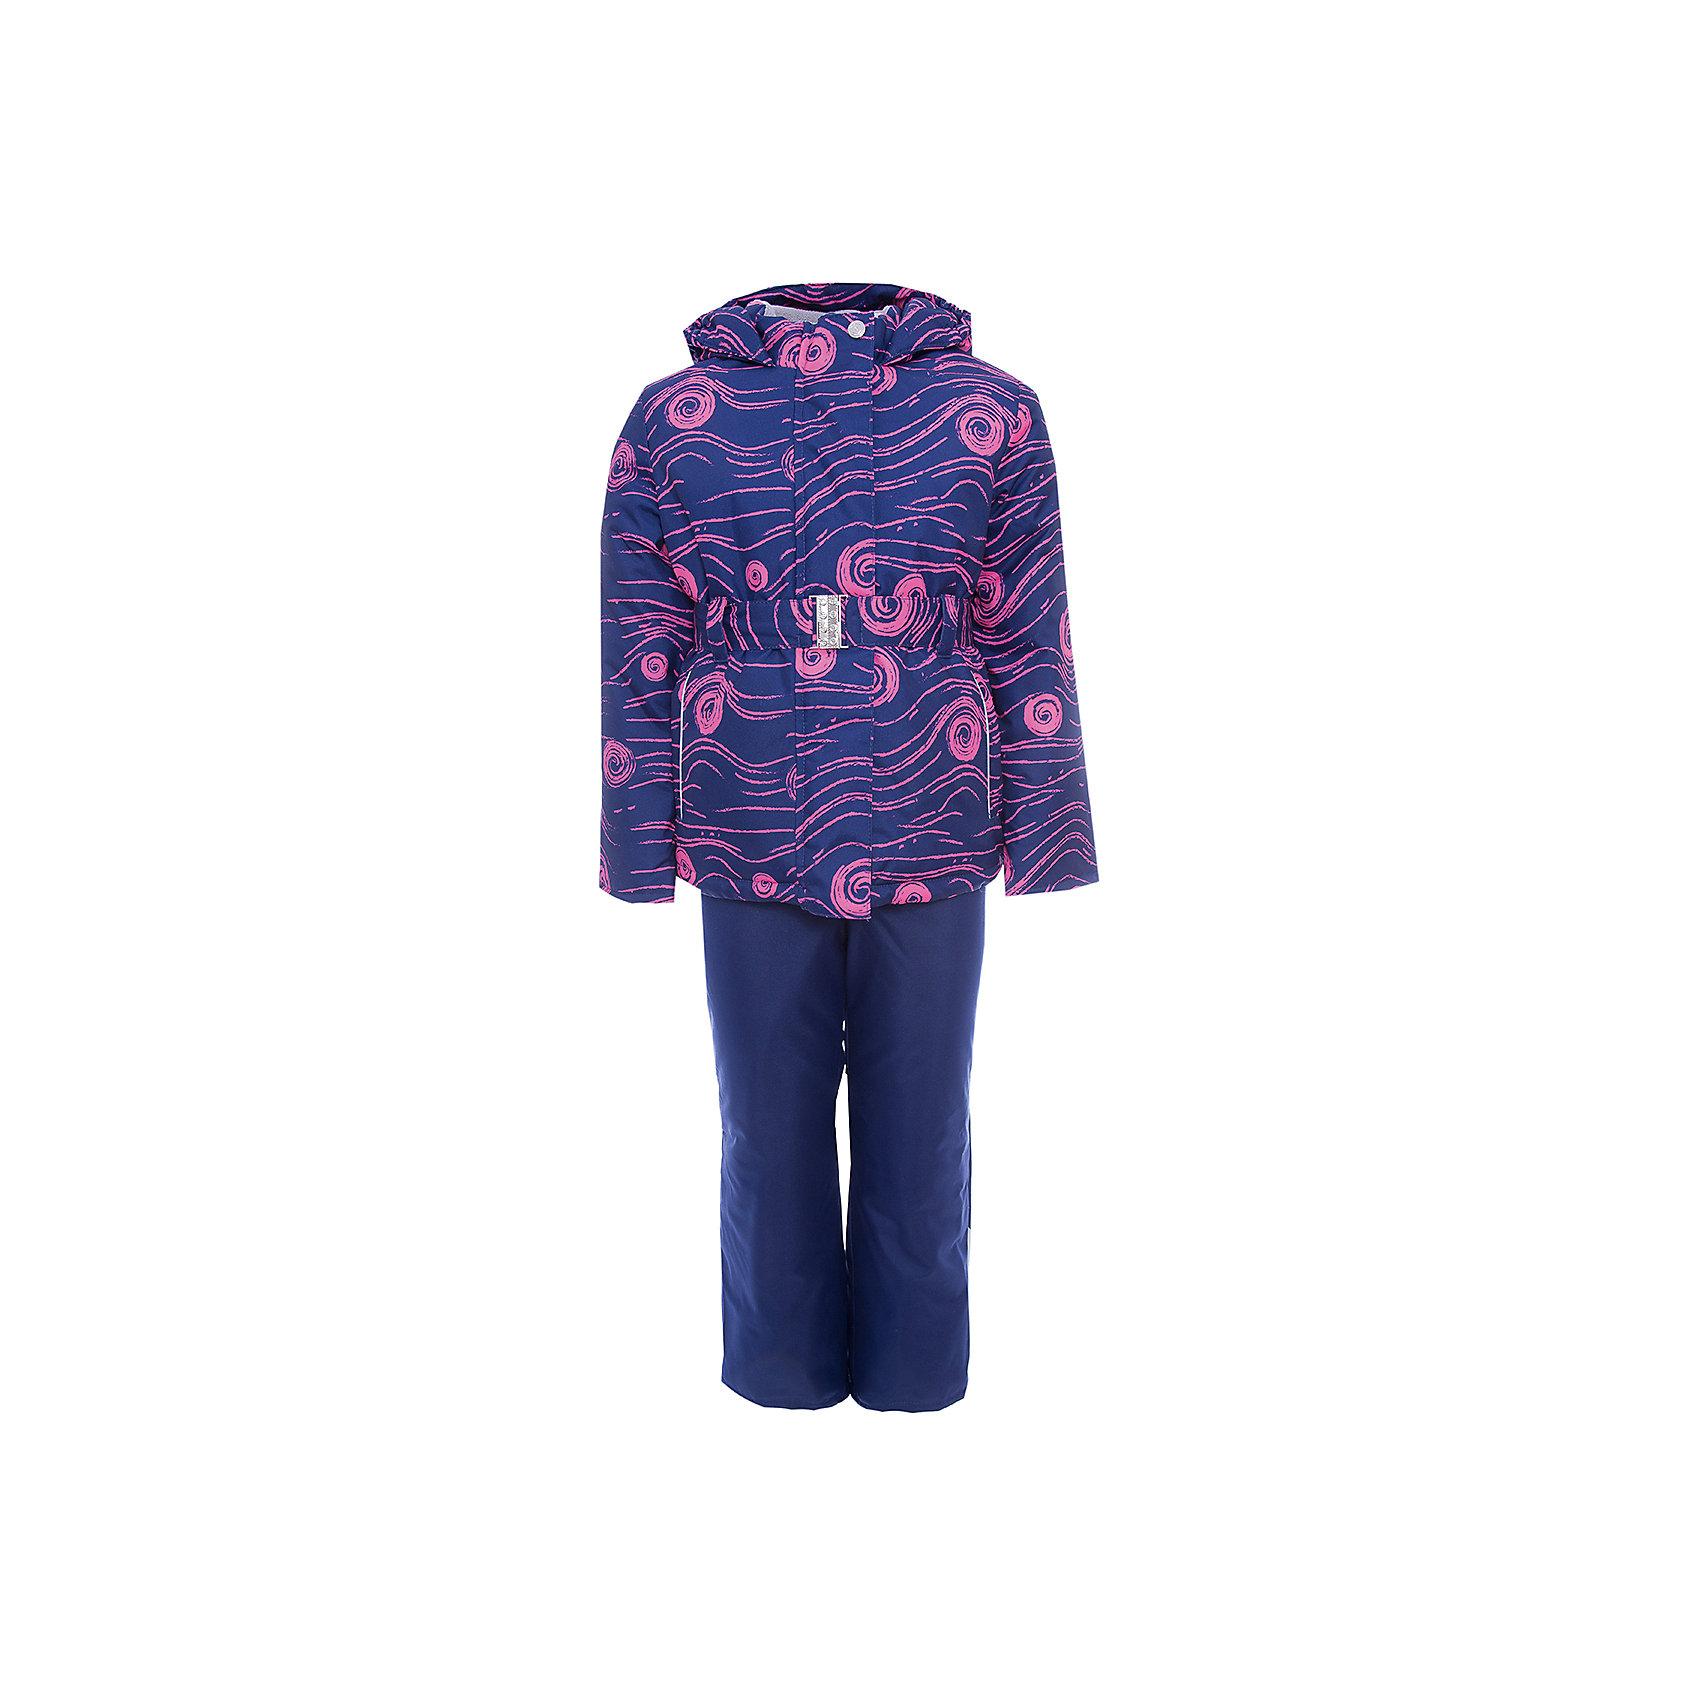 Комплект: куртка и полукомбинезон Наума OLDOS для девочкиВерхняя одежда<br>Характеристики товара:<br><br>• цвет: синий<br>• комплектация: куртка и полукомбинезон<br>• состав ткани: полиэстер<br>• подкладка: флис<br>• утеплитель: Hollofan <br>• сезон: зима<br>• мембранное покрытие<br>• температурный режим: от -30 до 0<br>• водонепроницаемость: 3000 мм <br>• паропроницаемость: 3000 г/м2<br>• плотность утеплителя: куртка - 300 г/м2, полукомбинезон - 150 г/м2<br>• застежка: молния<br>• капюшон: без меха, несъемный<br>• страна бренда: Россия<br>• страна изготовитель: Россия<br><br>Мембранное покрытие такого детского комплекта - это защита от воды и грязи, износостойкость, за ним легко ухаживать. Мембранный комплект для девочки дополнен элементами для удобства ребенка: воротник-стойка, двойная ветрозащитная планка с защитой подбородка. Стильный зимний комплект от бренда Oldos разработан специально для детей. <br><br>Комплект: куртка и полукомбинезон Наума Oldos (Олдос) для девочки можно купить в нашем интернет-магазине.<br><br>Ширина мм: 356<br>Глубина мм: 10<br>Высота мм: 245<br>Вес г: 519<br>Цвет: синий<br>Возраст от месяцев: 96<br>Возраст до месяцев: 108<br>Пол: Женский<br>Возраст: Детский<br>Размер: 134,92,98,104,110,116,122,128<br>SKU: 7016386